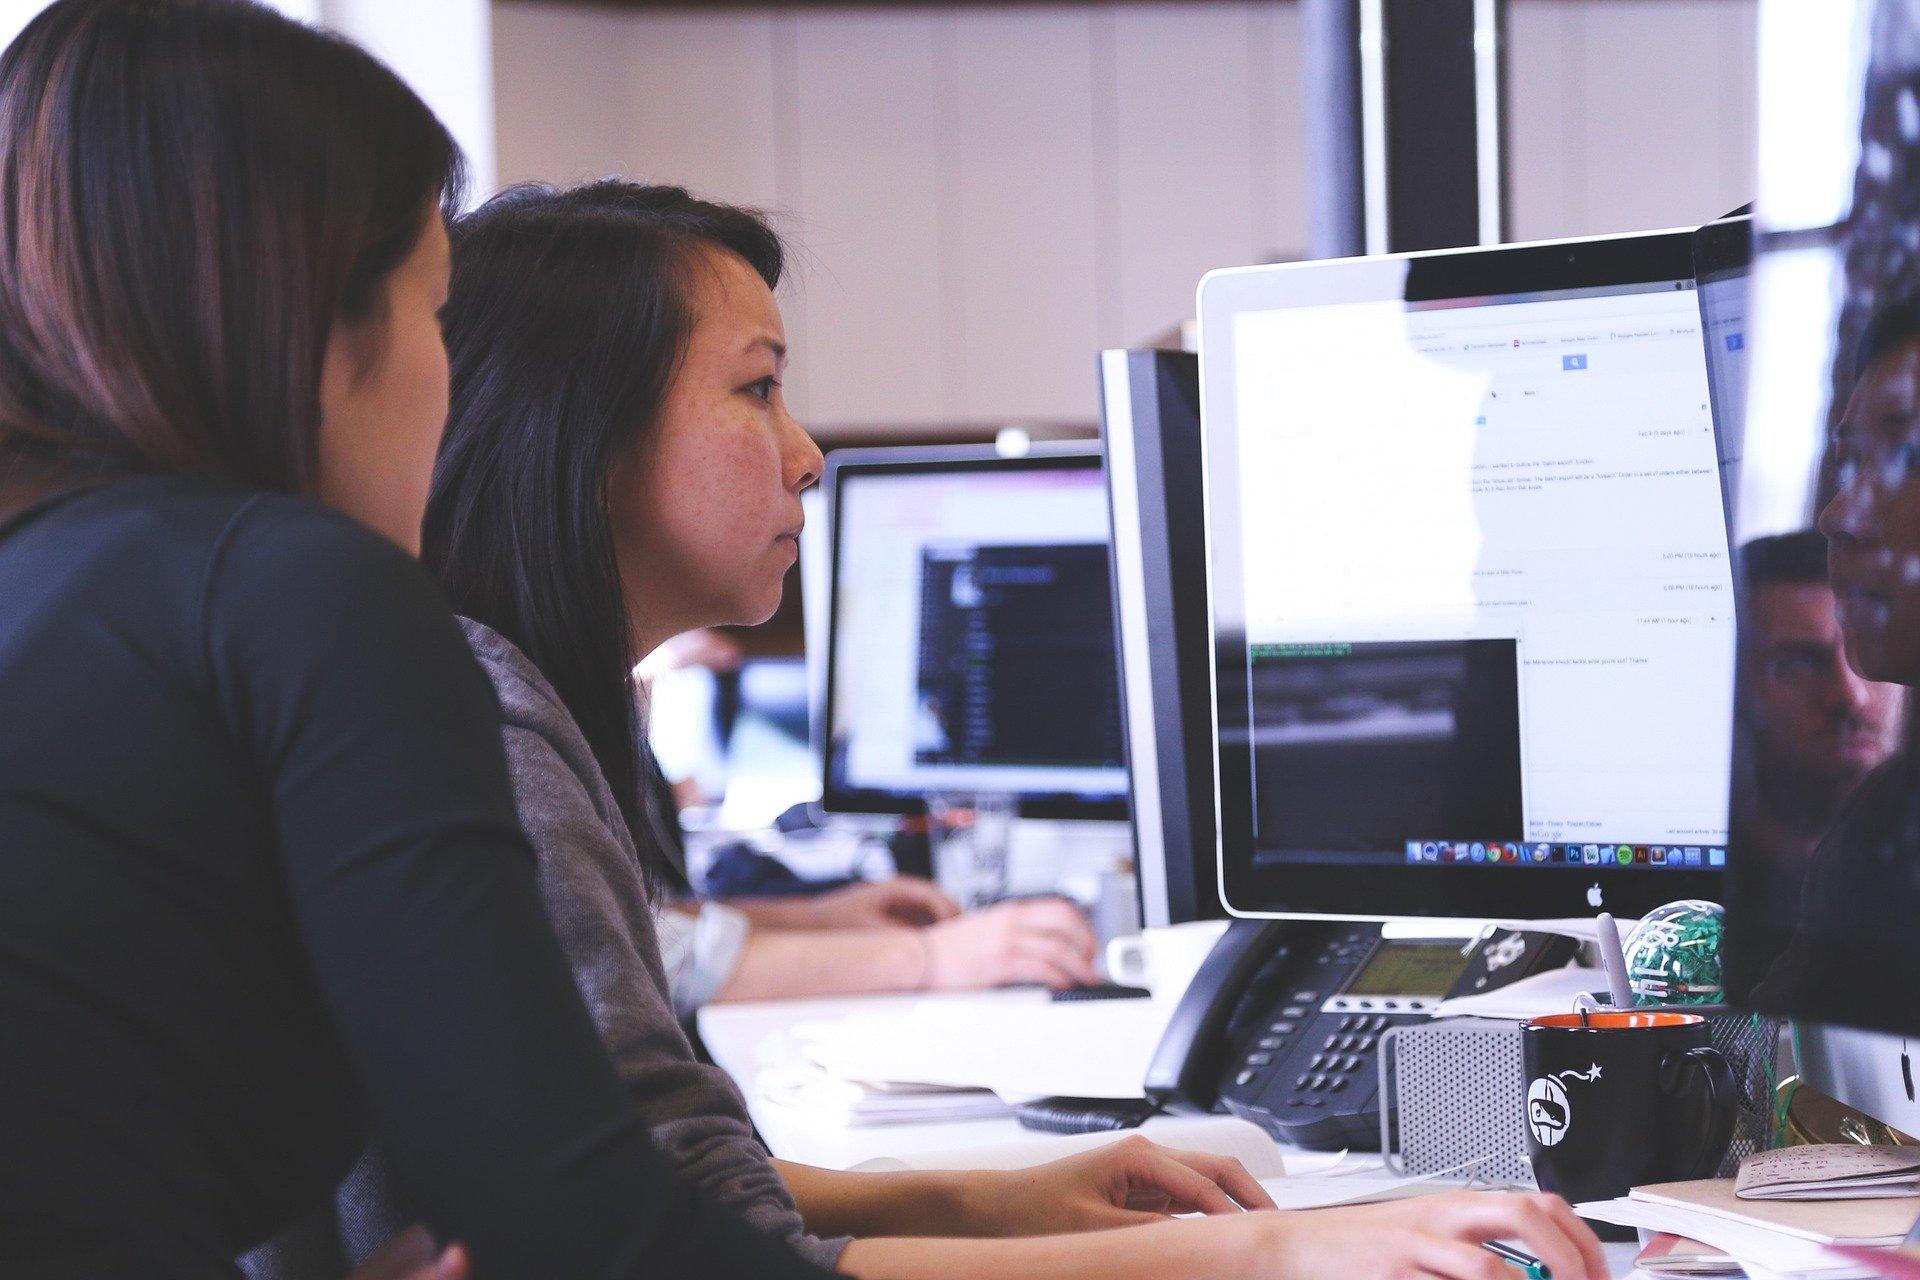 Das Foto zeigt zwei Frauen von der Seite. Sie sitzen vor einem Laptop. Im Hintergrund sind weitere Bildschirme zu sehen.